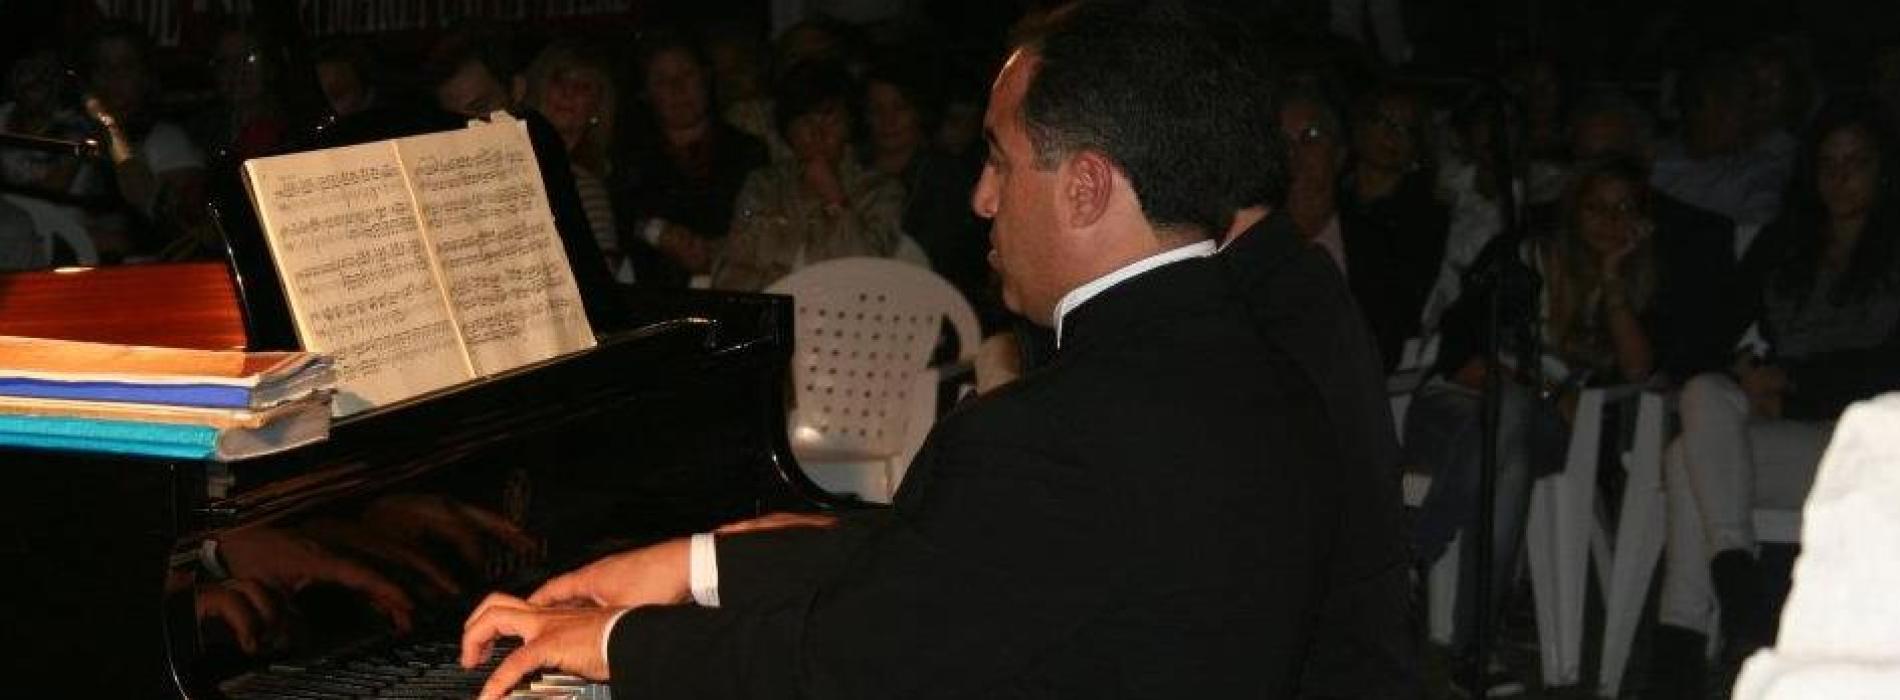 S. Maria Cv canta Napoli sotto le stelle, concerto al rione Iacp